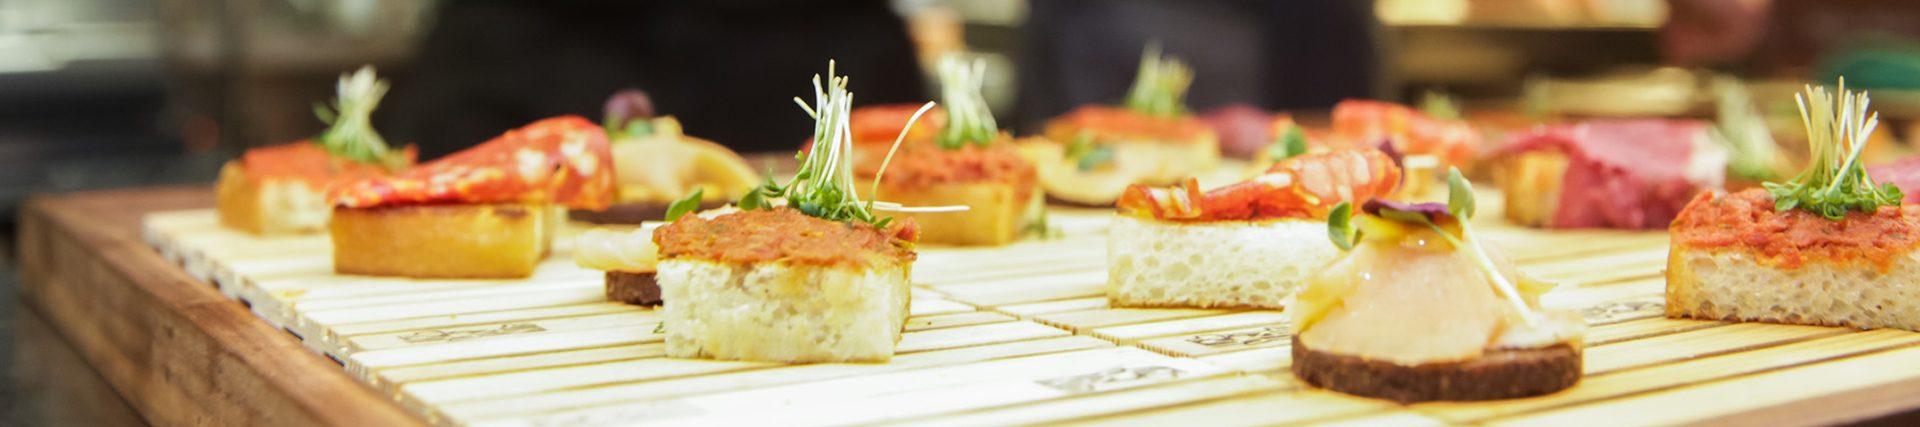 Restaurant, Catering, Kche bereiten Vorspeisen